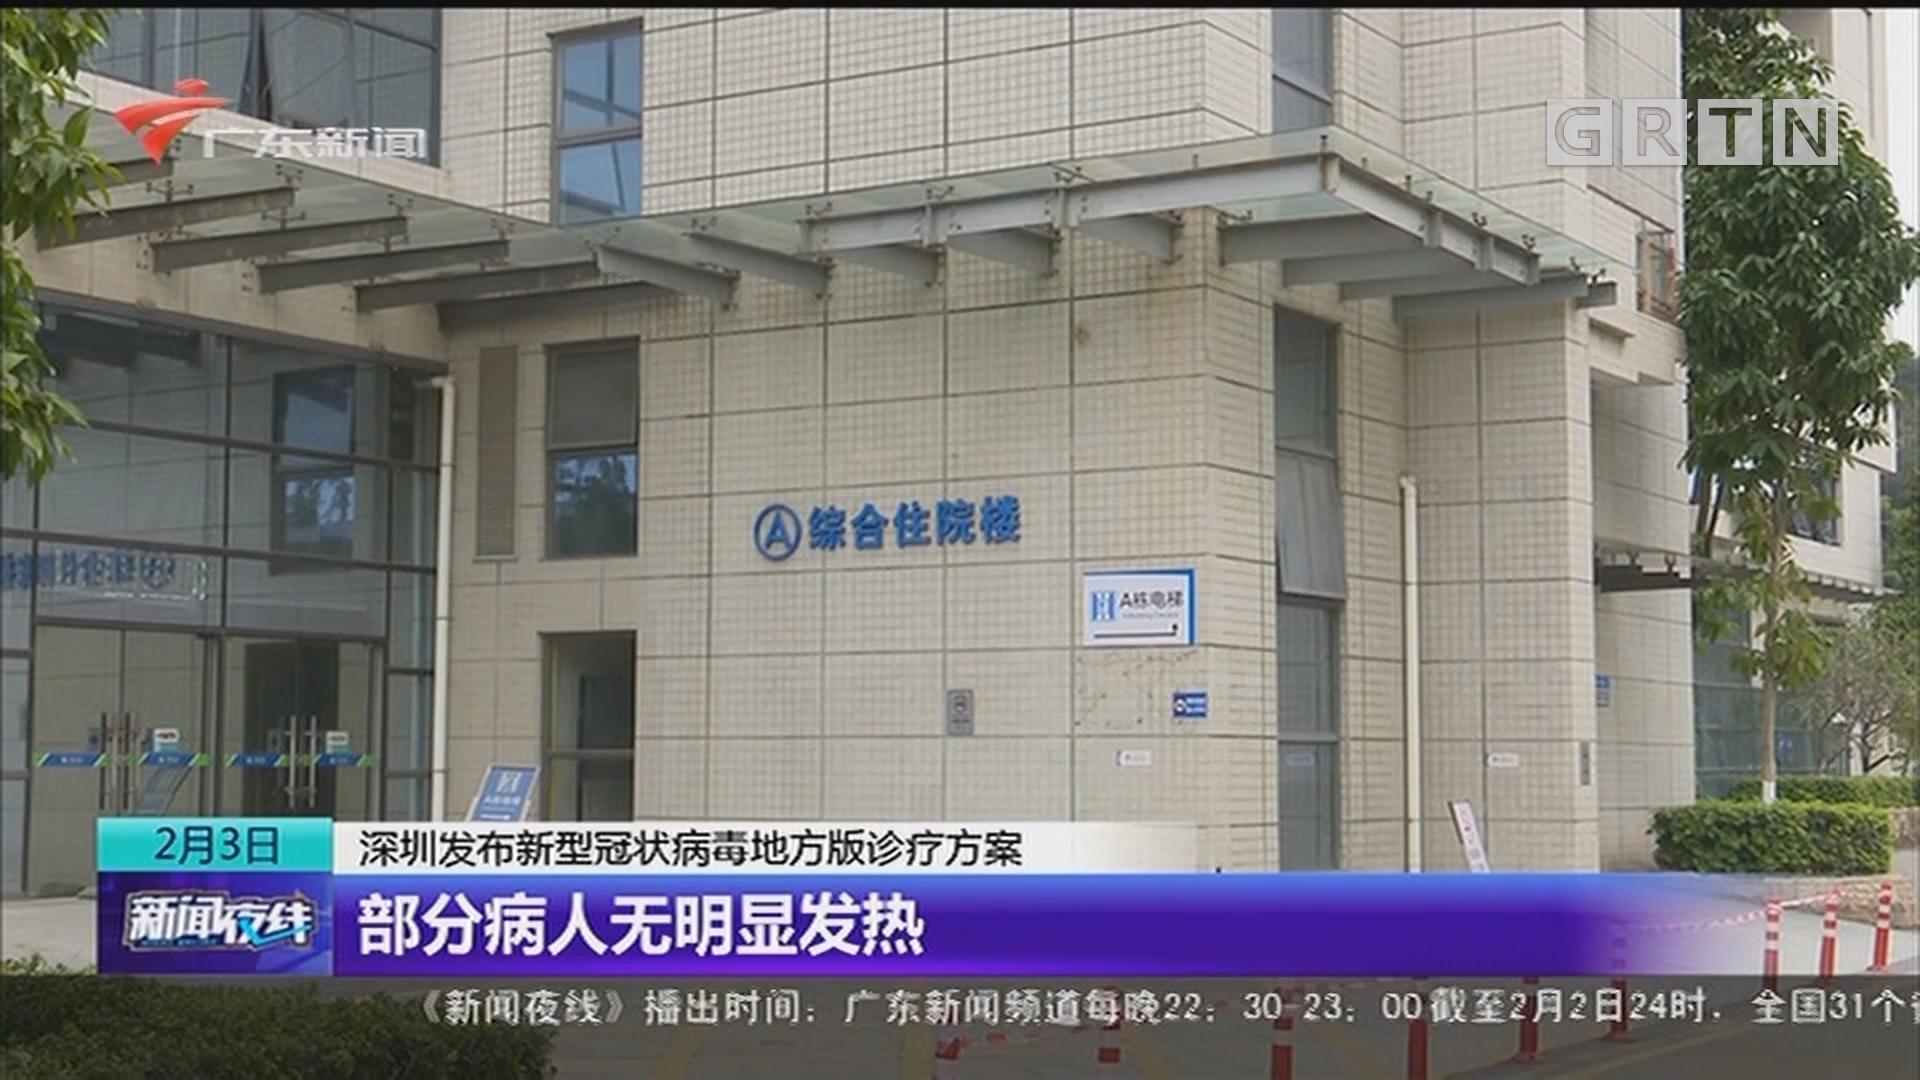 深圳发布新型冠状病毒地方版诊疗方案 部分病人无明显发热